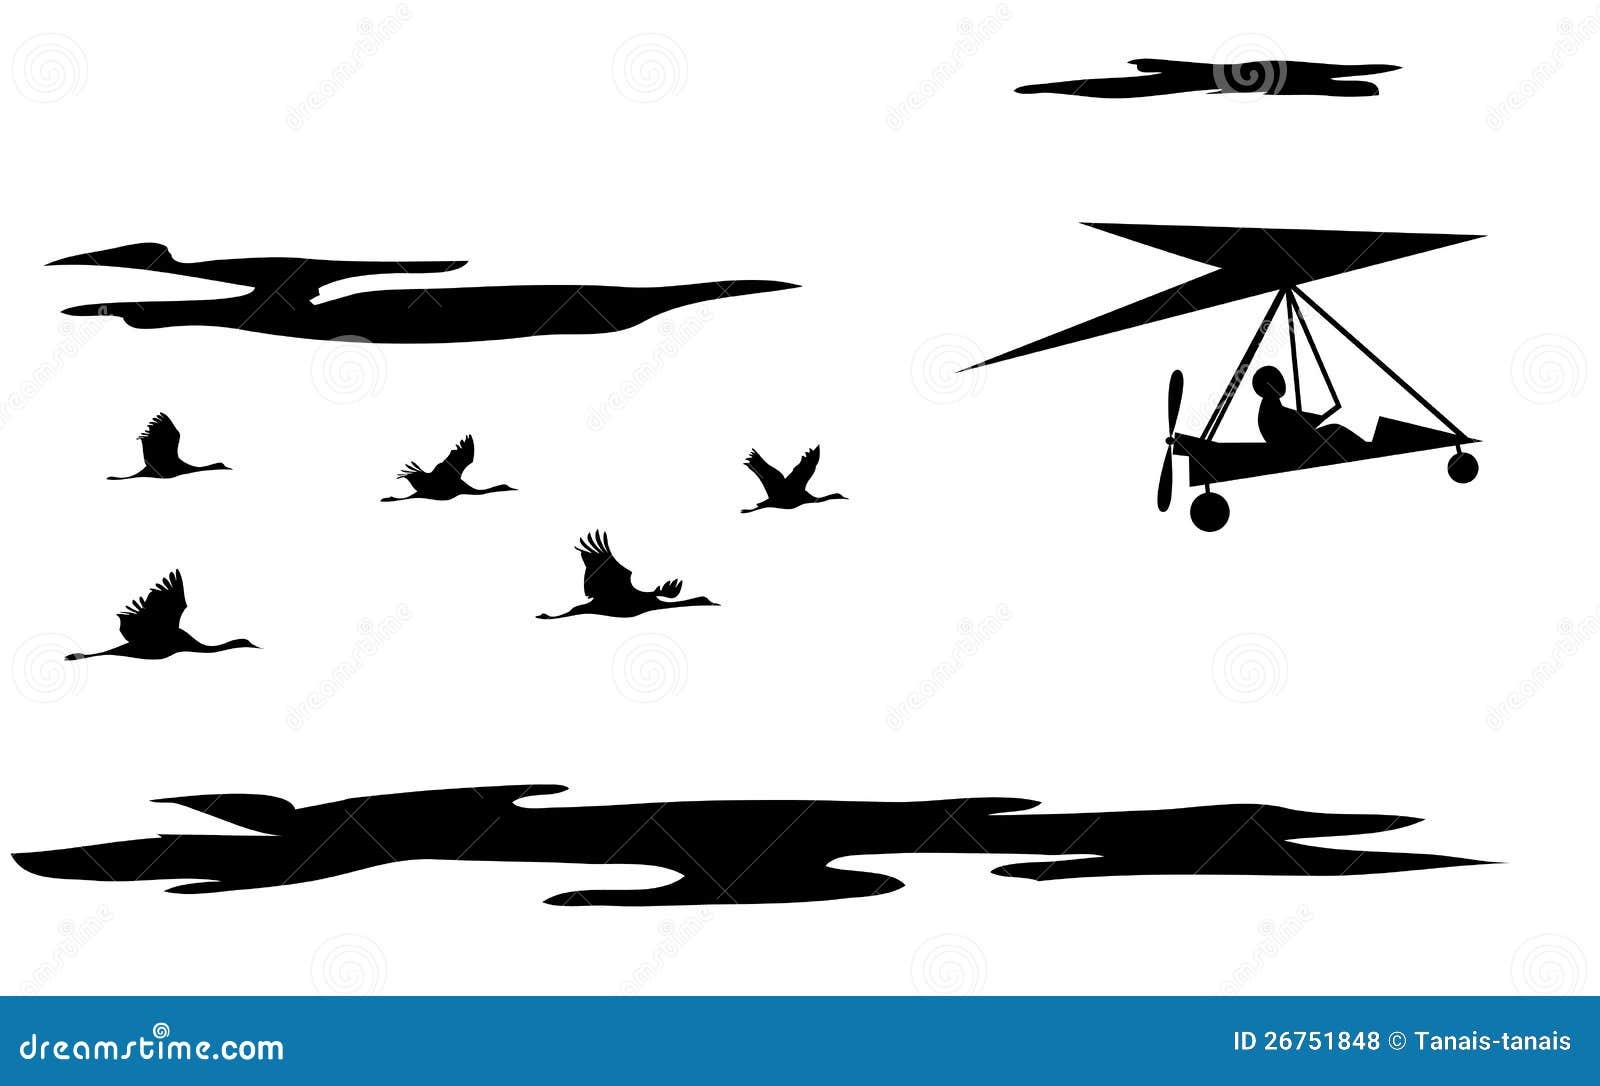 起重机和动力化的悬挂式滑翔机